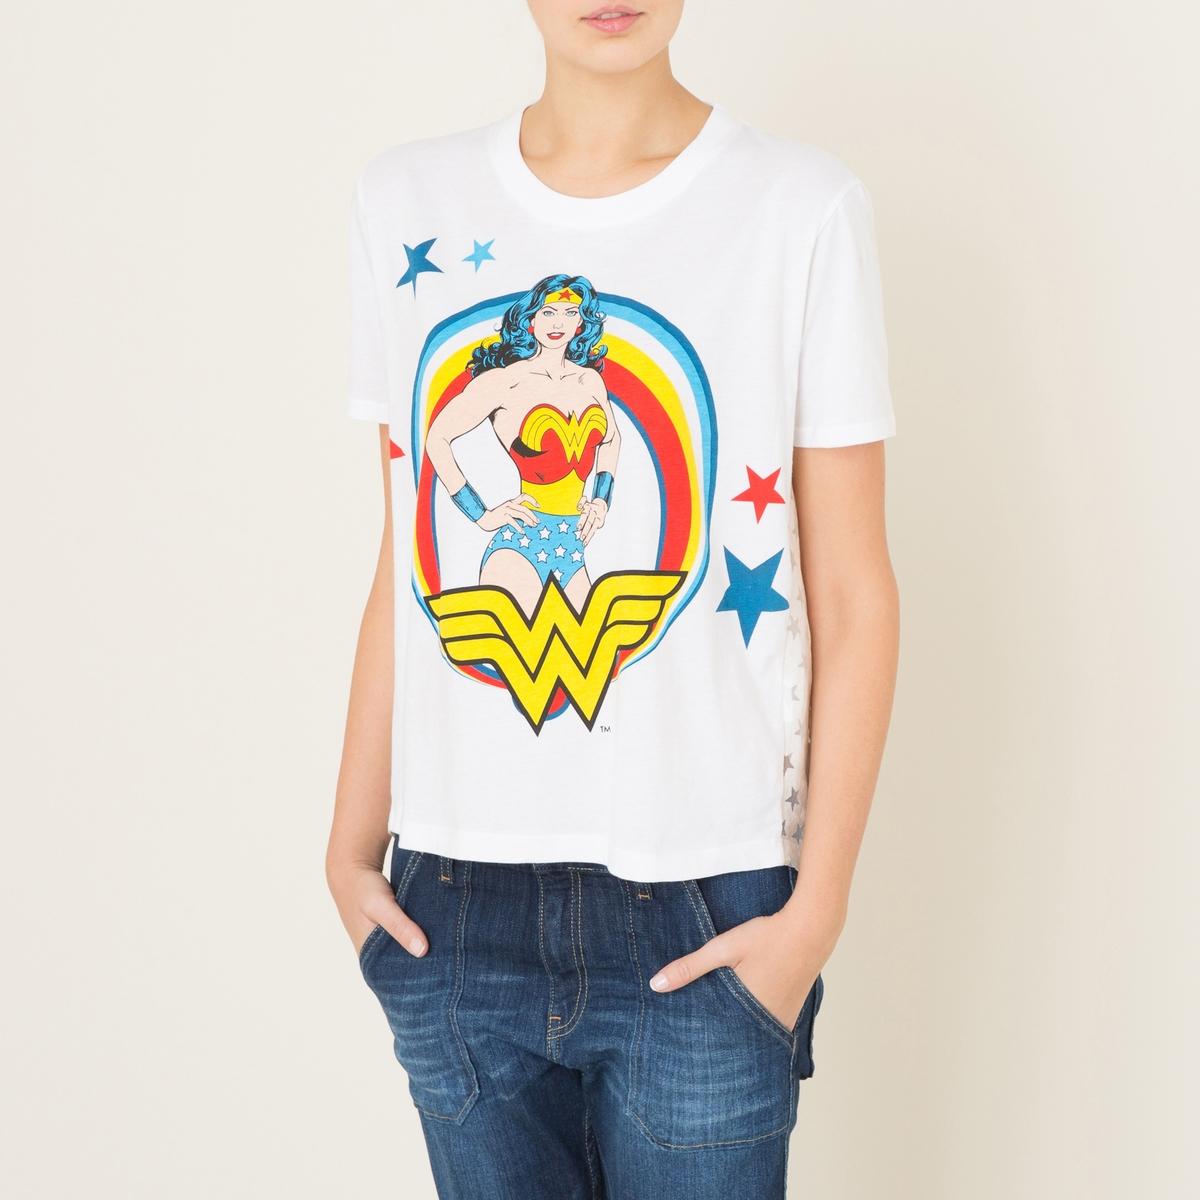 Футболка WONDERФутболка укороченная PAUL AND JOE SISTER - модель WONDER с надписью Wonder Woman и рисунком звезды сзади. Круглый вырез. Короткие рукава. Рисунок спереди. Спинка из ткани с вытравленным рисунком звезды. Отрезная деталь со сборками сзади. Состав и описание    Материал : джерси, 100% хлопок.   Спинка: 81% вискозы, 19% полиамидаМарка : PAUL AND JOE SISTER<br><br>Цвет: белый